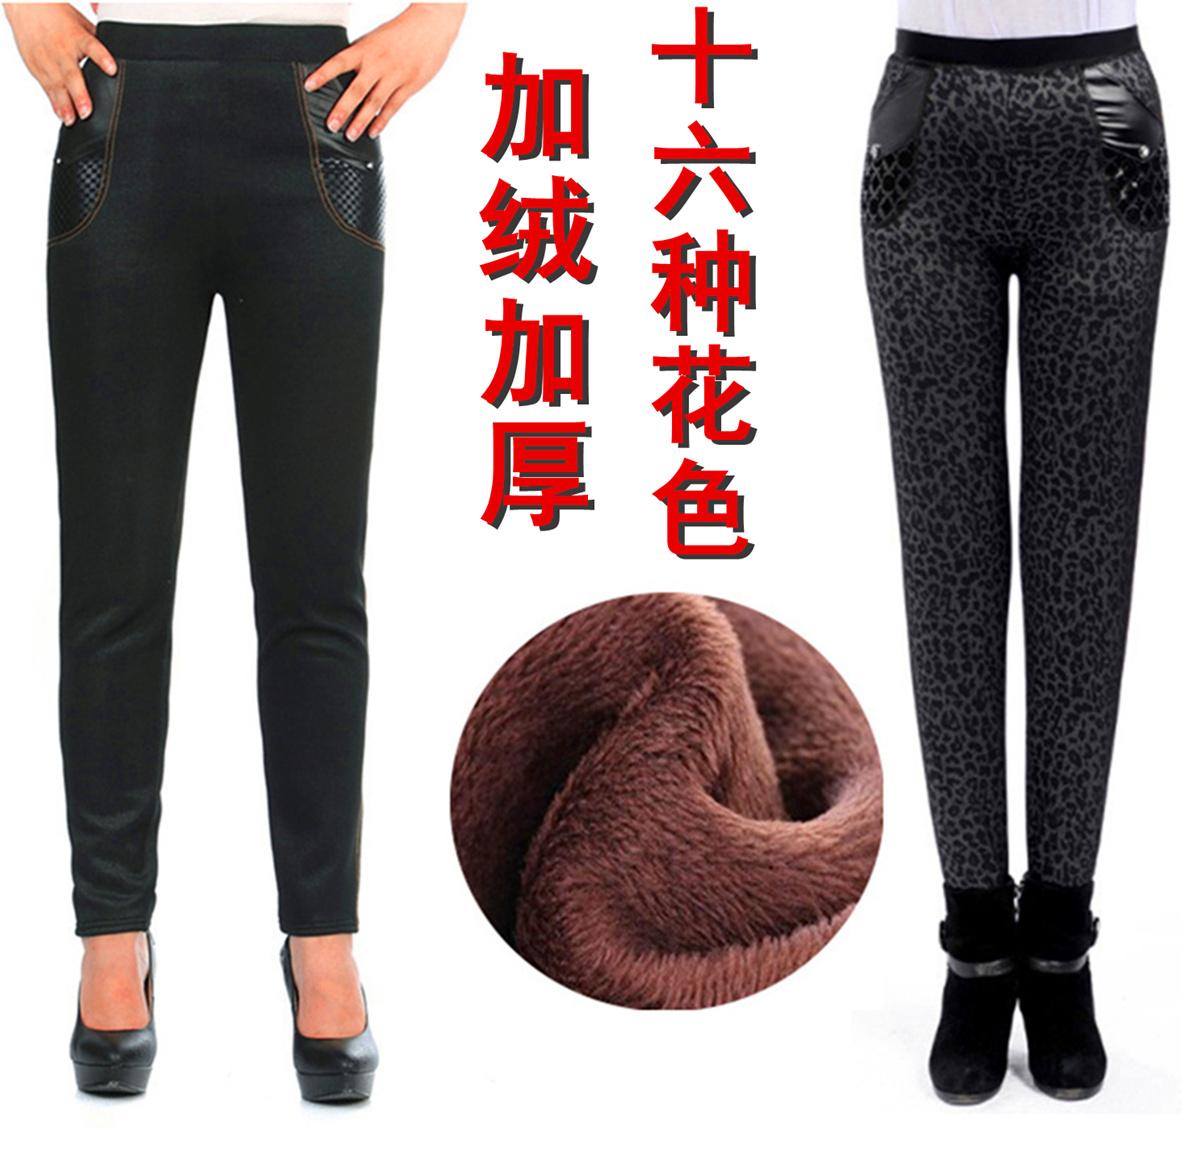 2015 осенью и зимой плюс бархат загустеет добавьте толстый мама старые платья леггинсы плюс размер растянуть брюки повседневные брюки